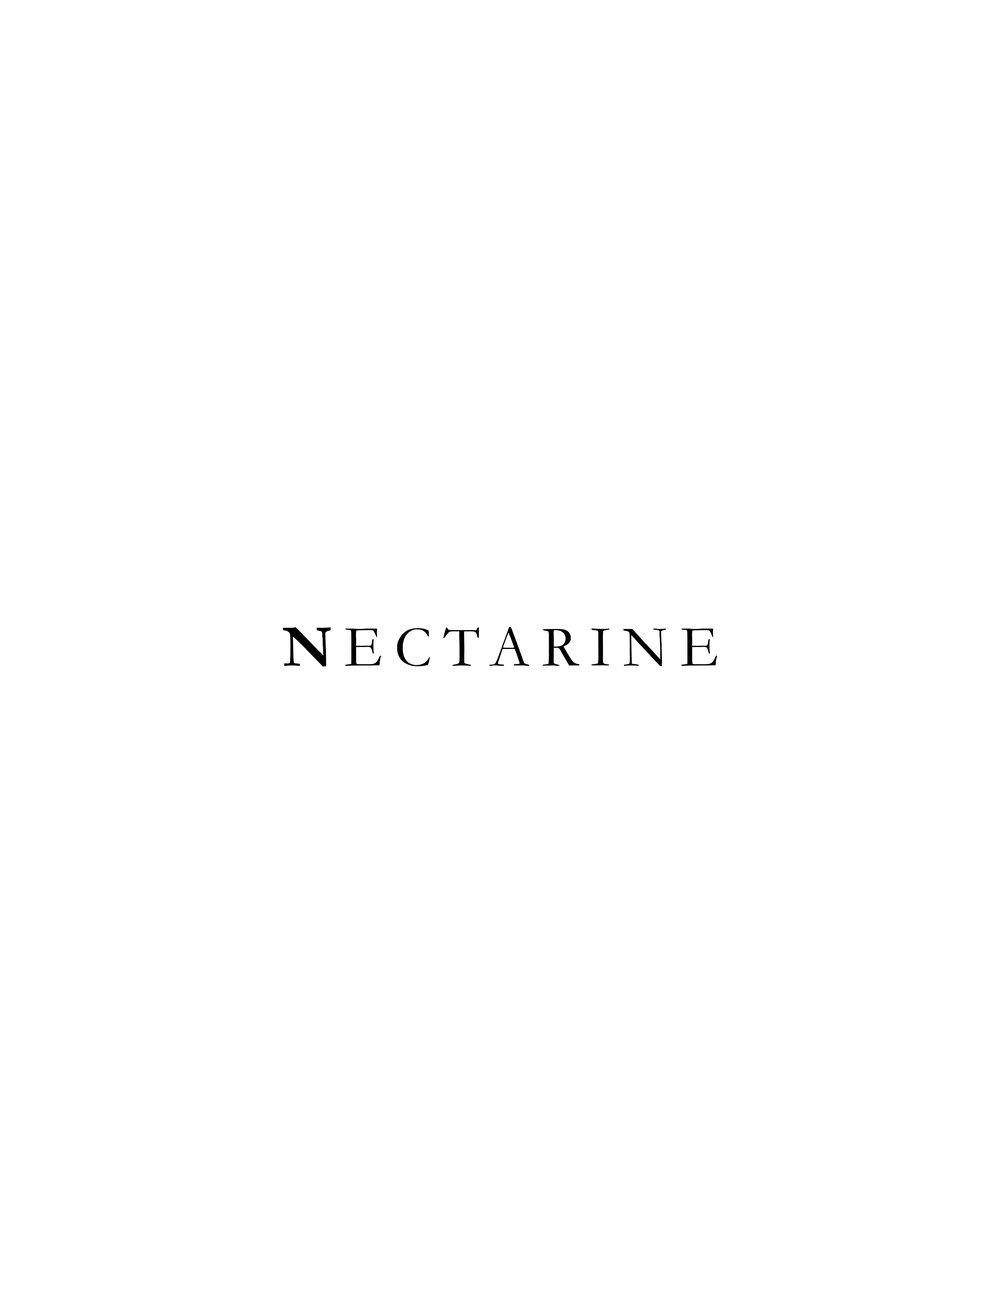 NECTARINE Text.jpg